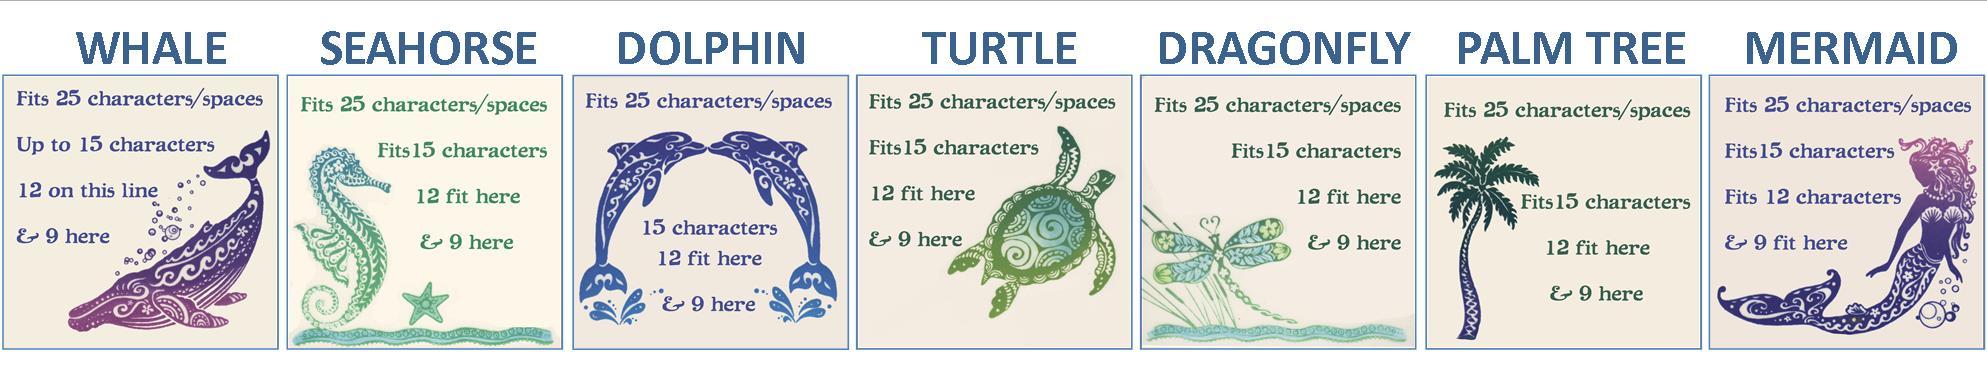 Tile Program online image3.jpg